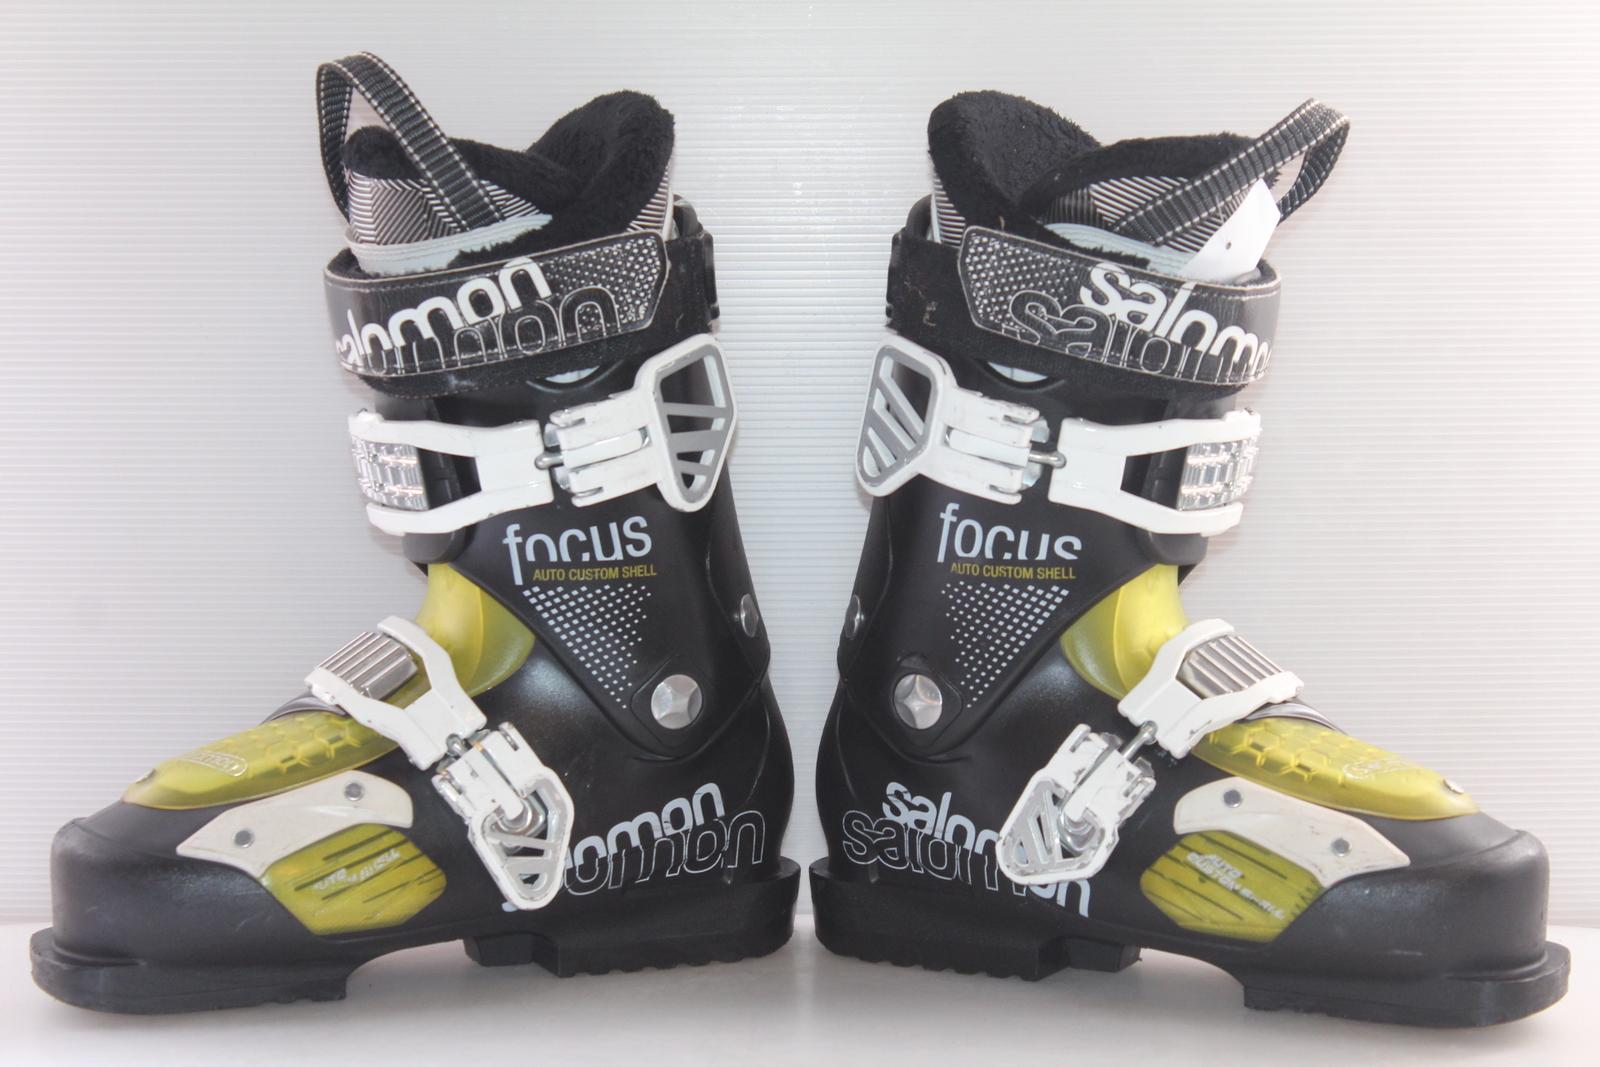 Dámské lyžáky Salomon Focus vel. EU38.5